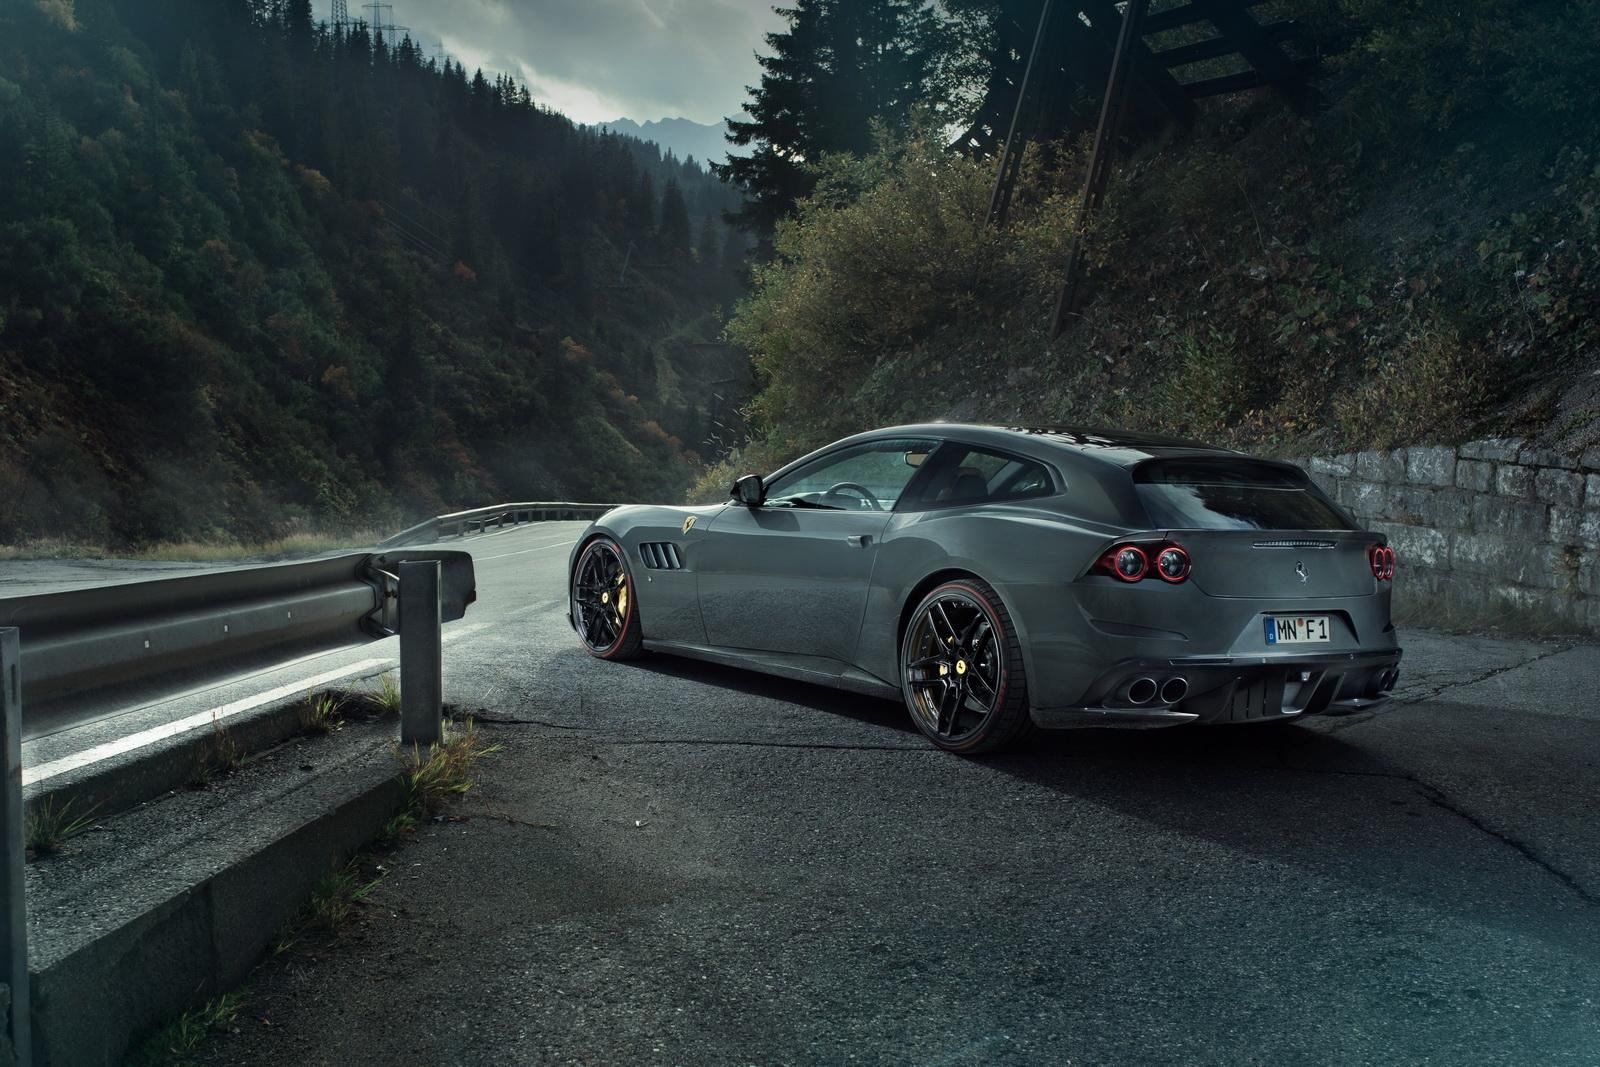 Ferrari GTC4lusso Novitec